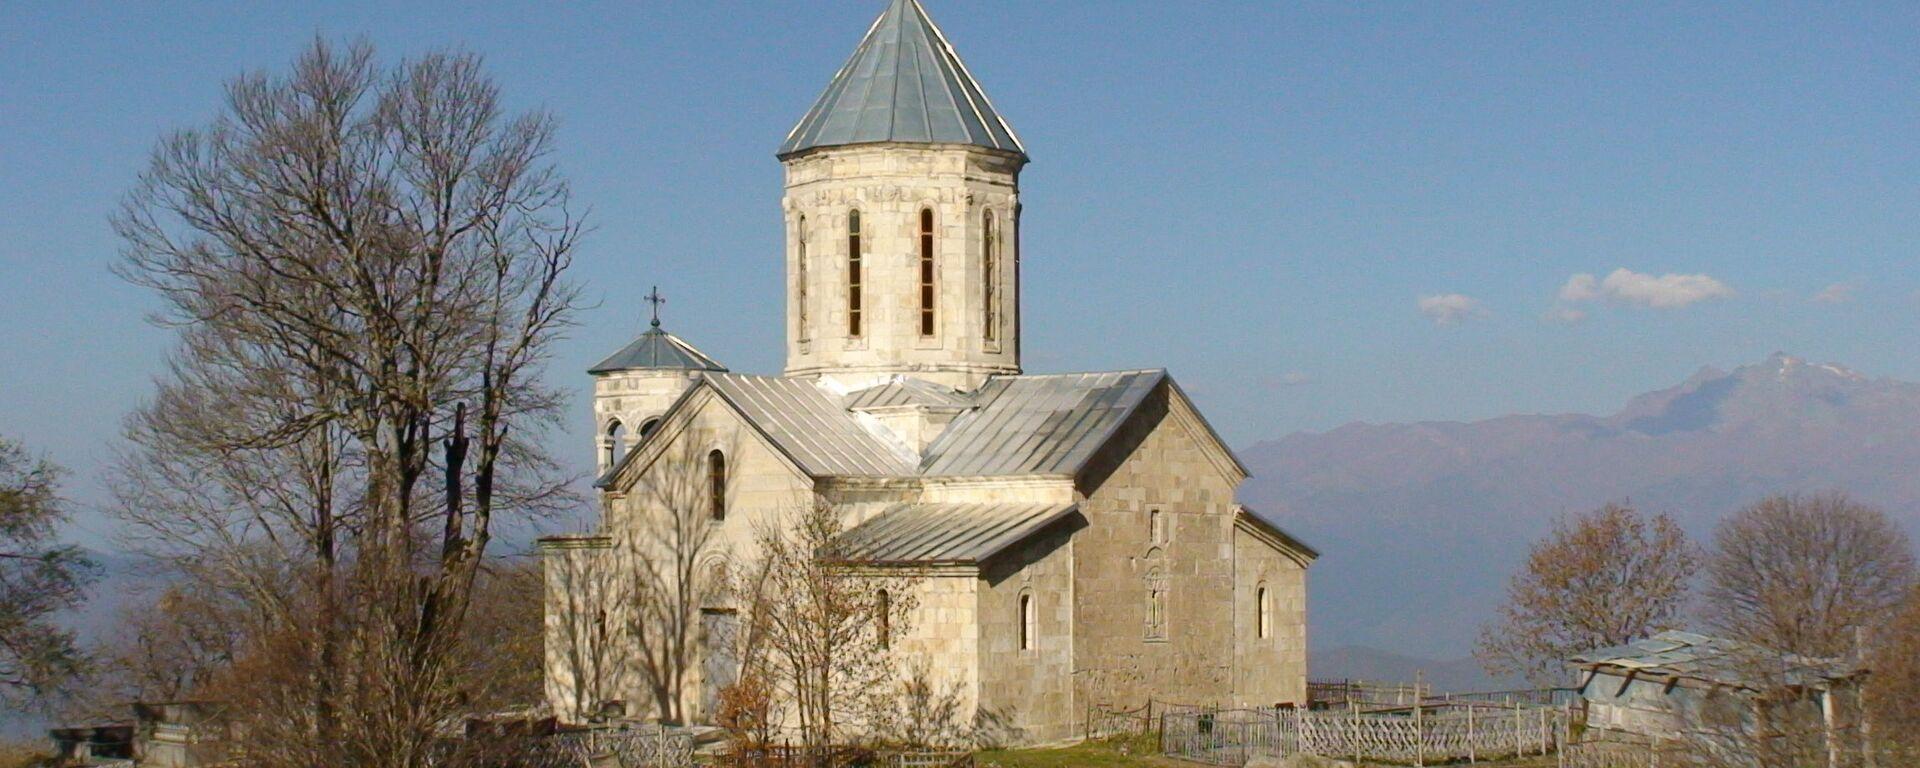 წმინდა გიორგის სახელობის ეკლესია მრავალძალში - Sputnik საქართველო, 1920, 18.07.2021